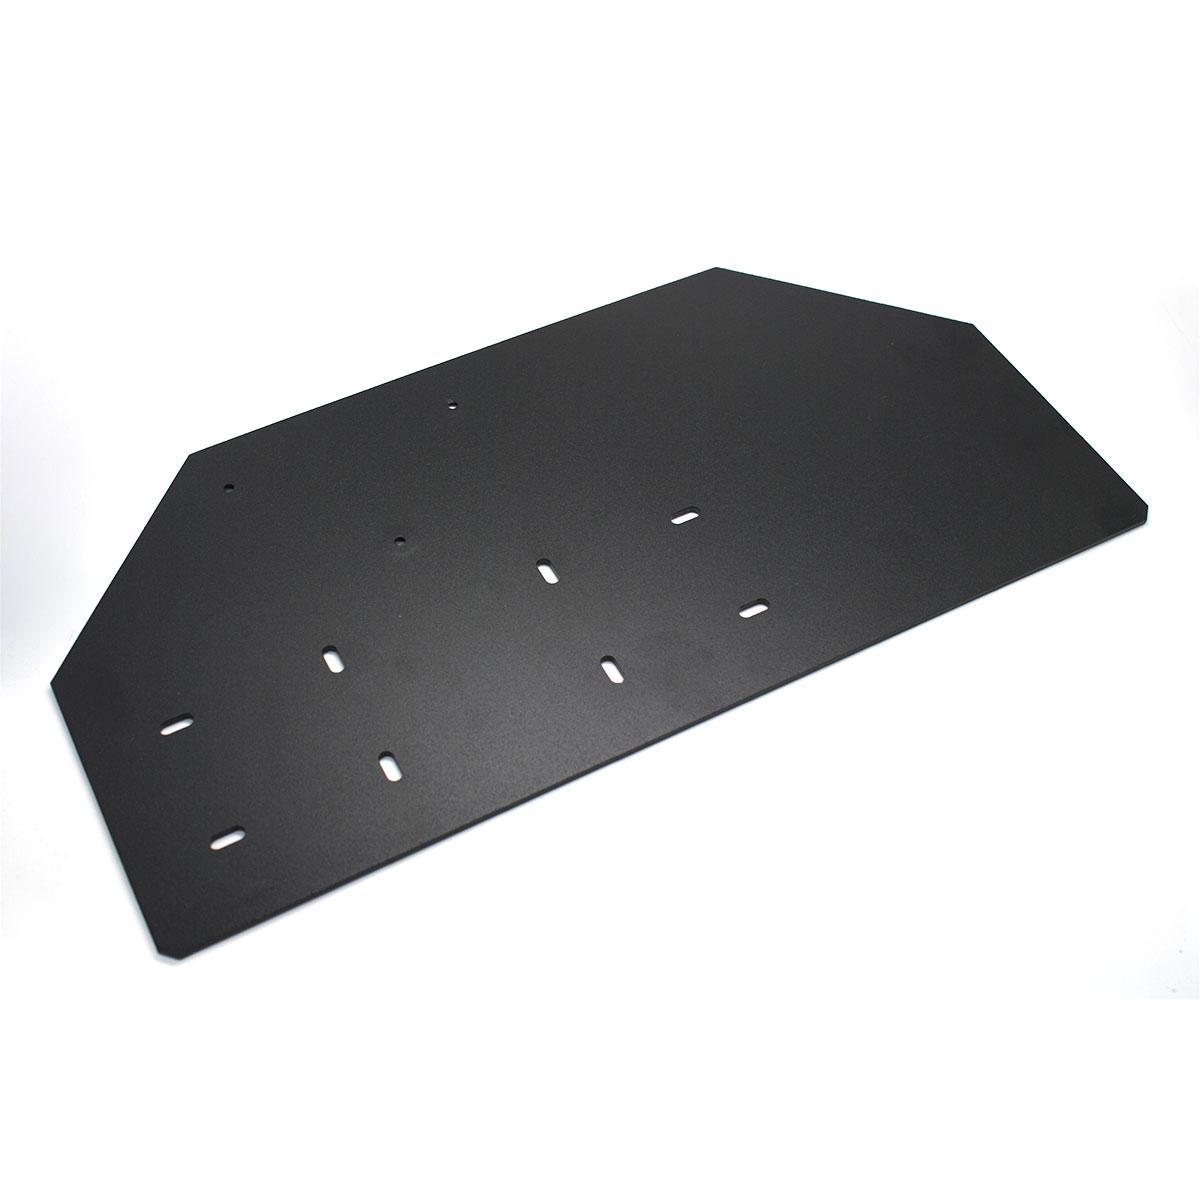 Supporto in metallo per Universal Pro Driving